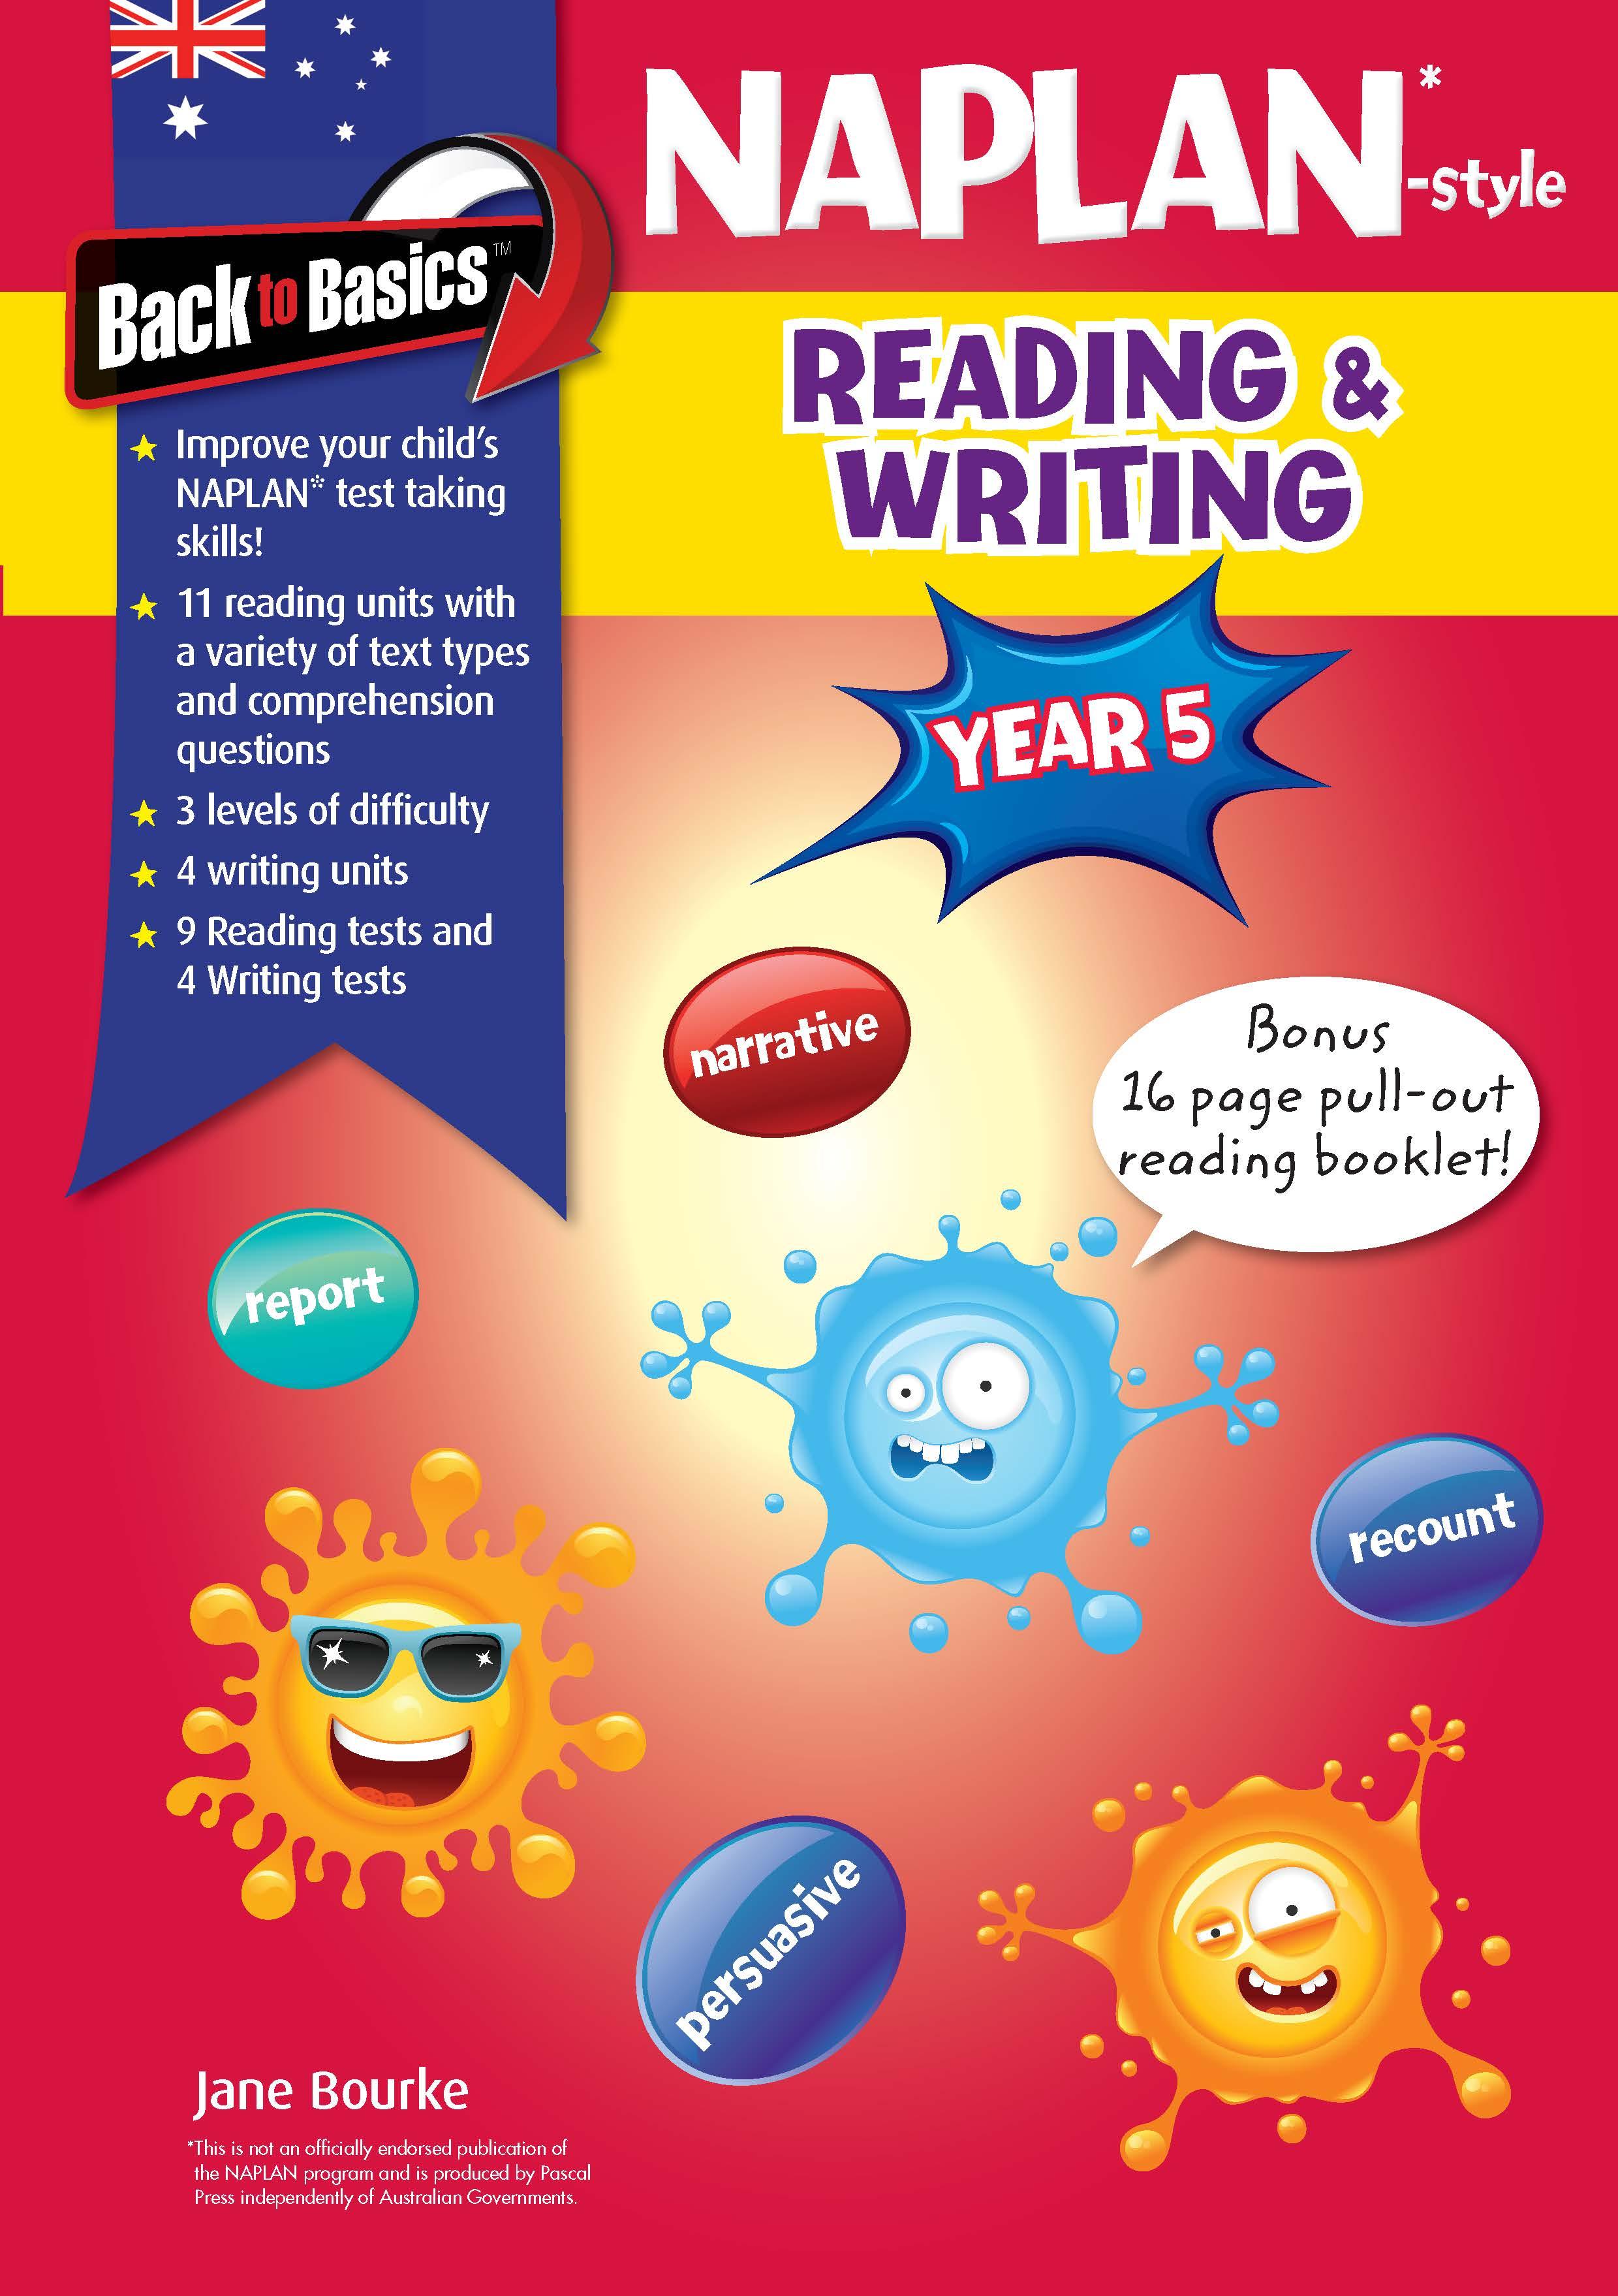 Back to Basics - Year 5 NAPLAN*-style Reading & Writing